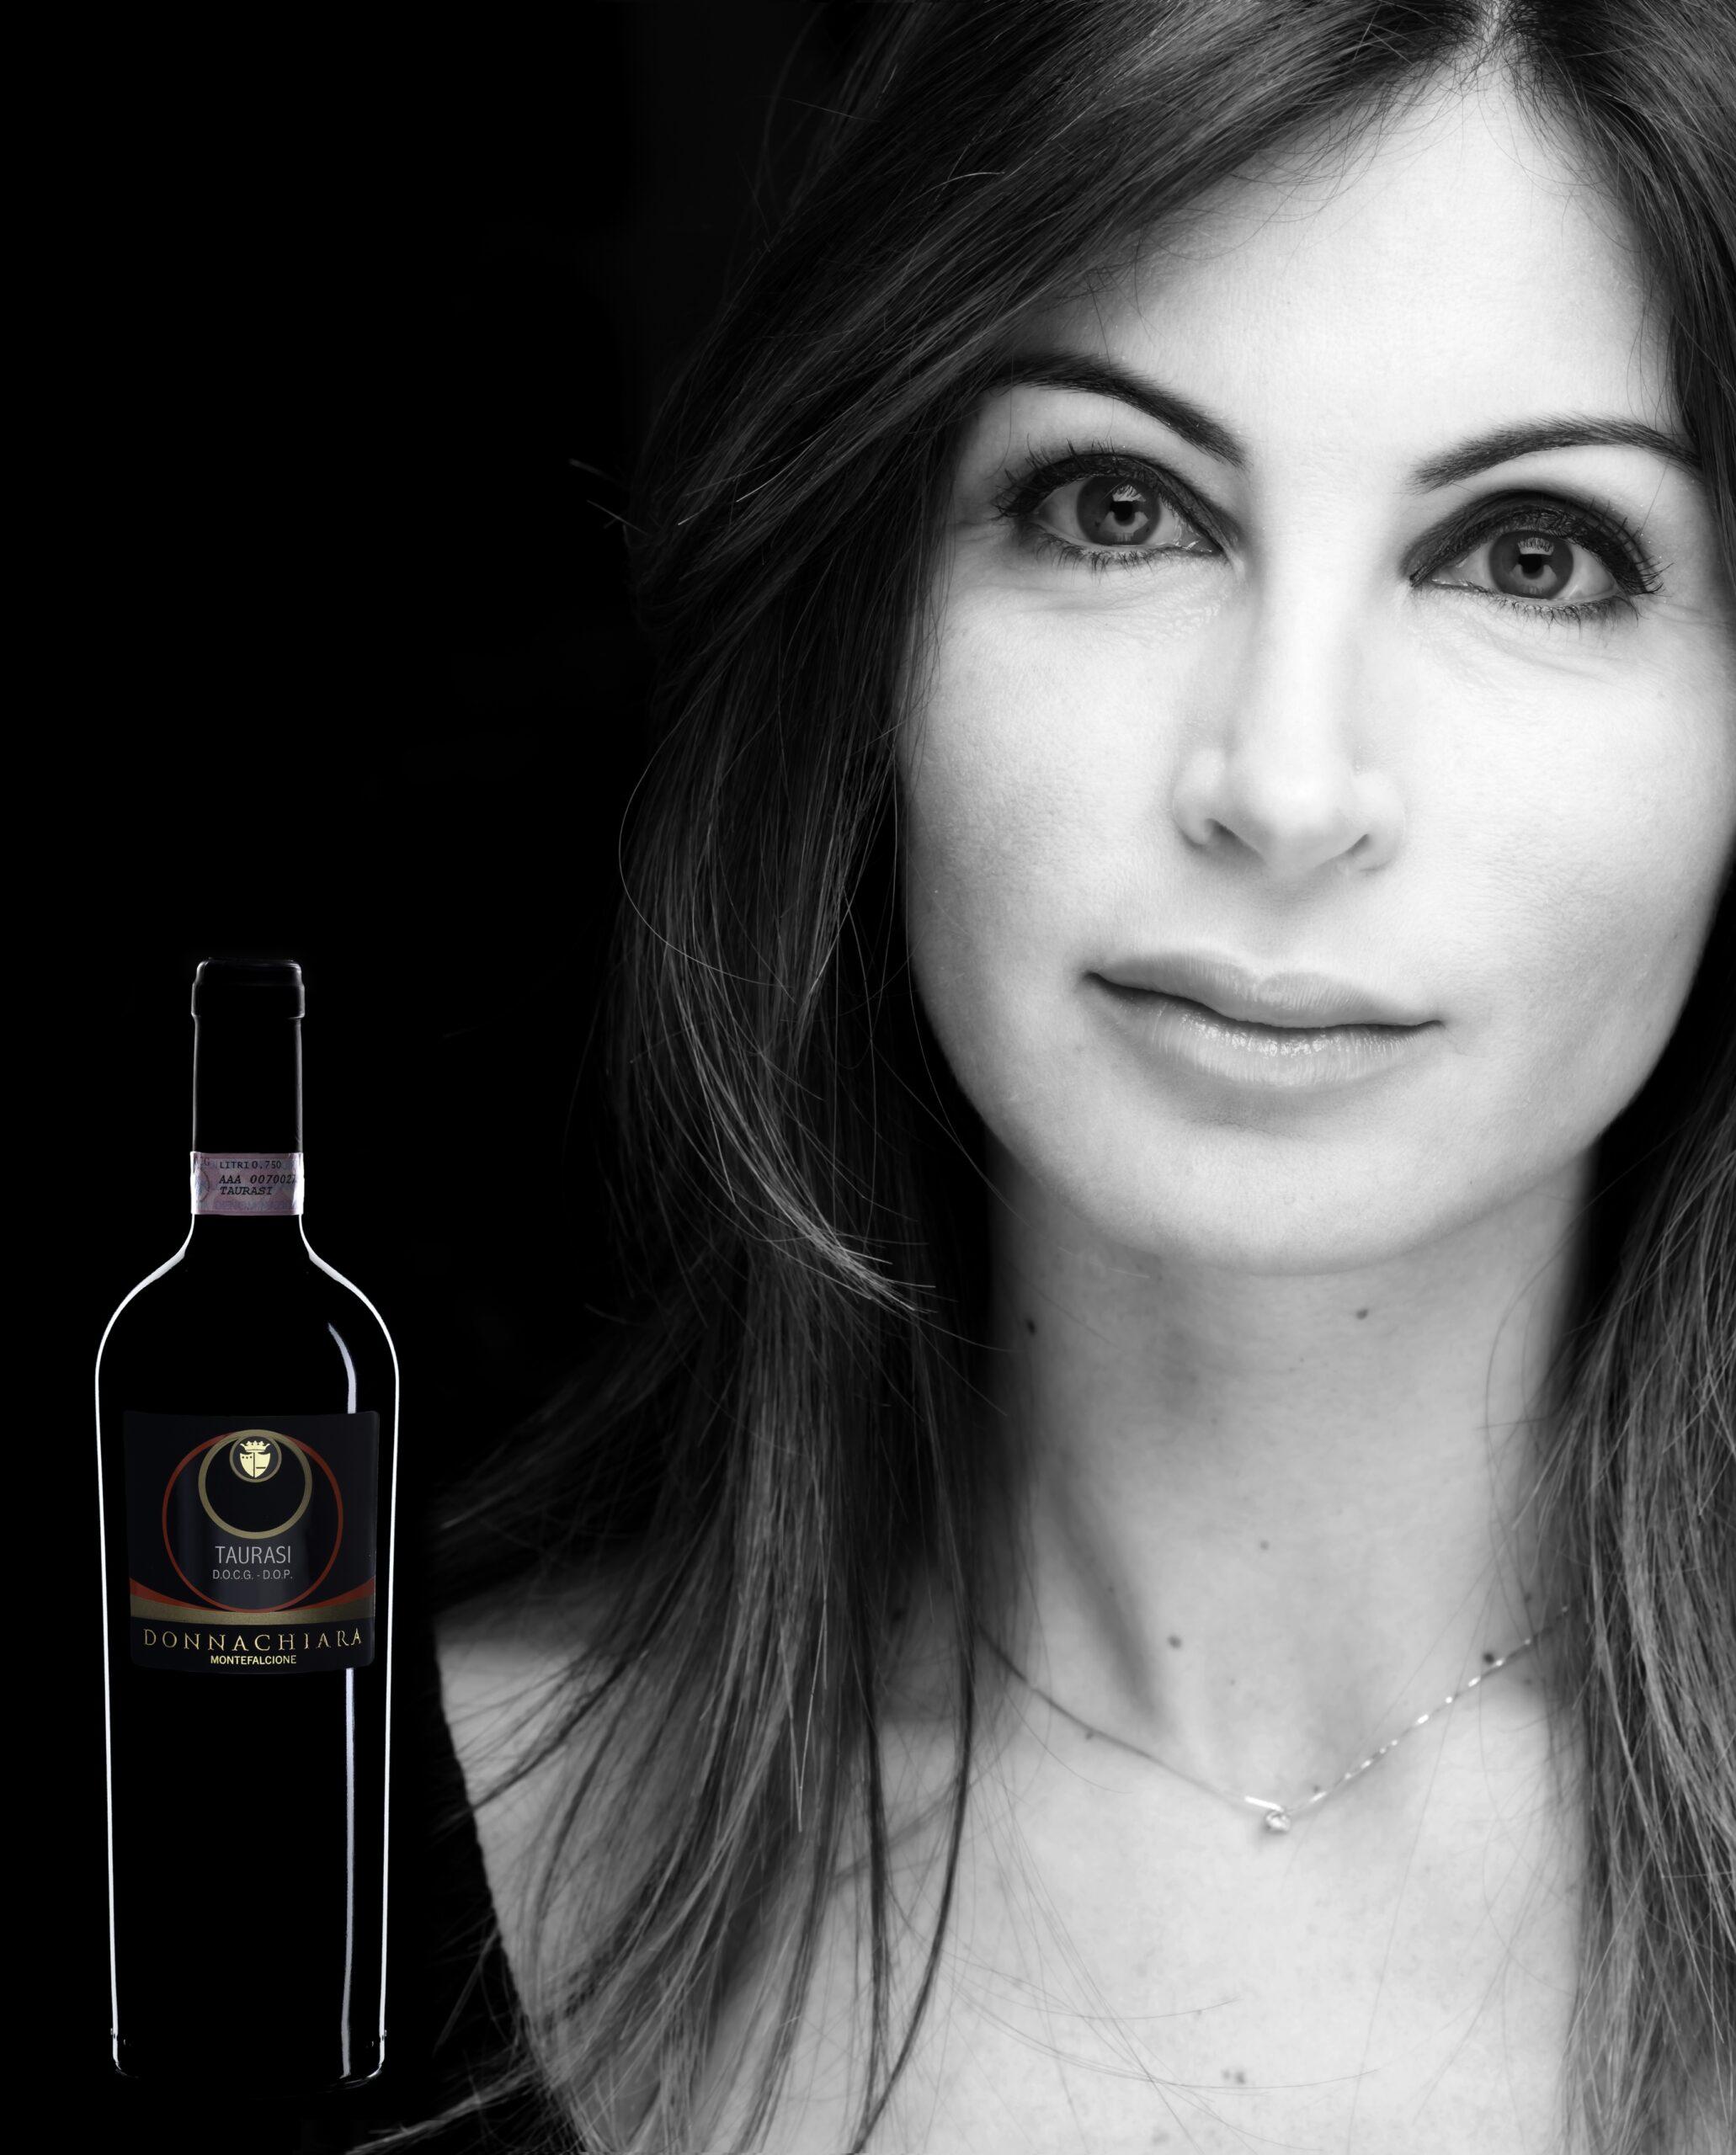 Vini donnachiara